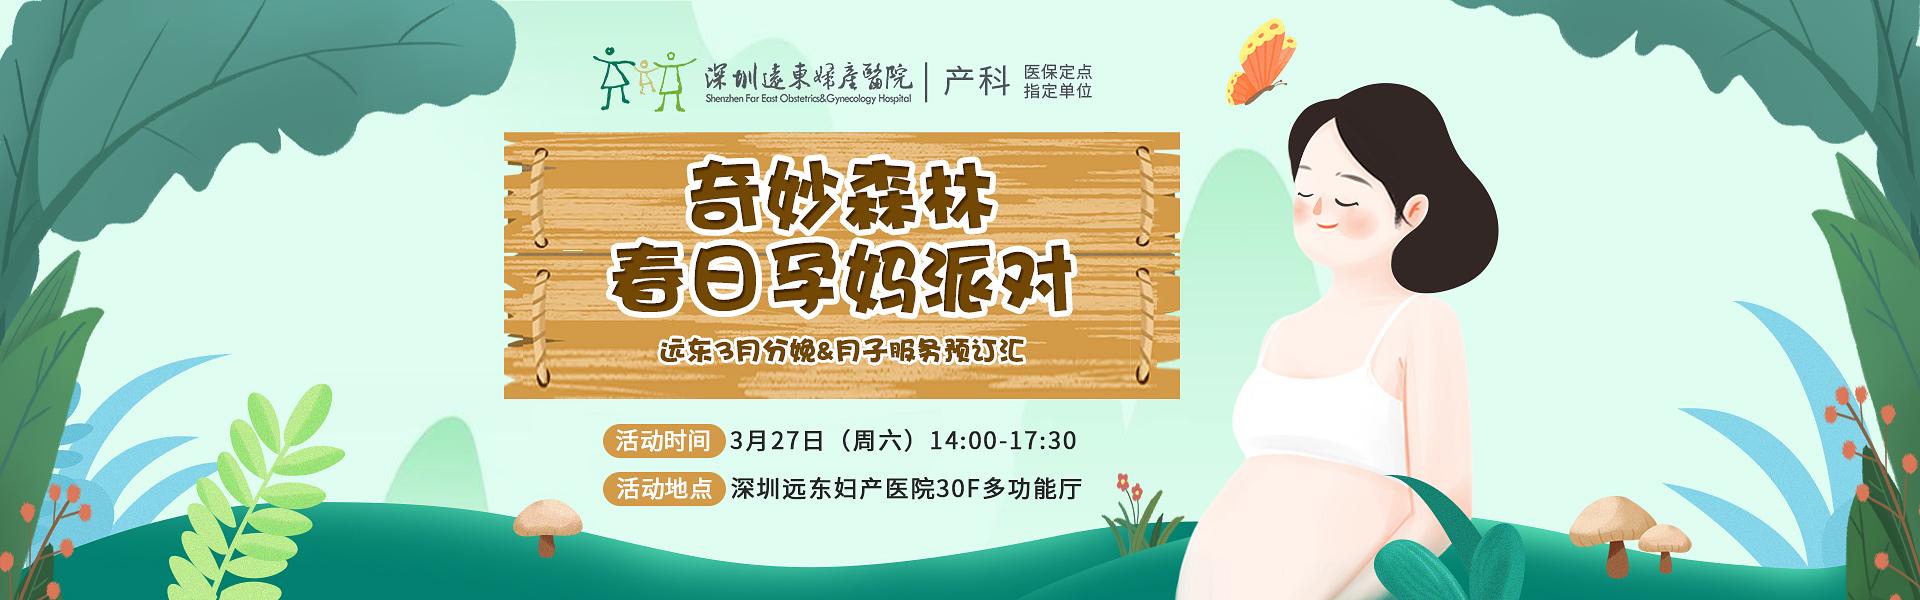 奇妙森林·春日孕妈派对3月27日招募启动